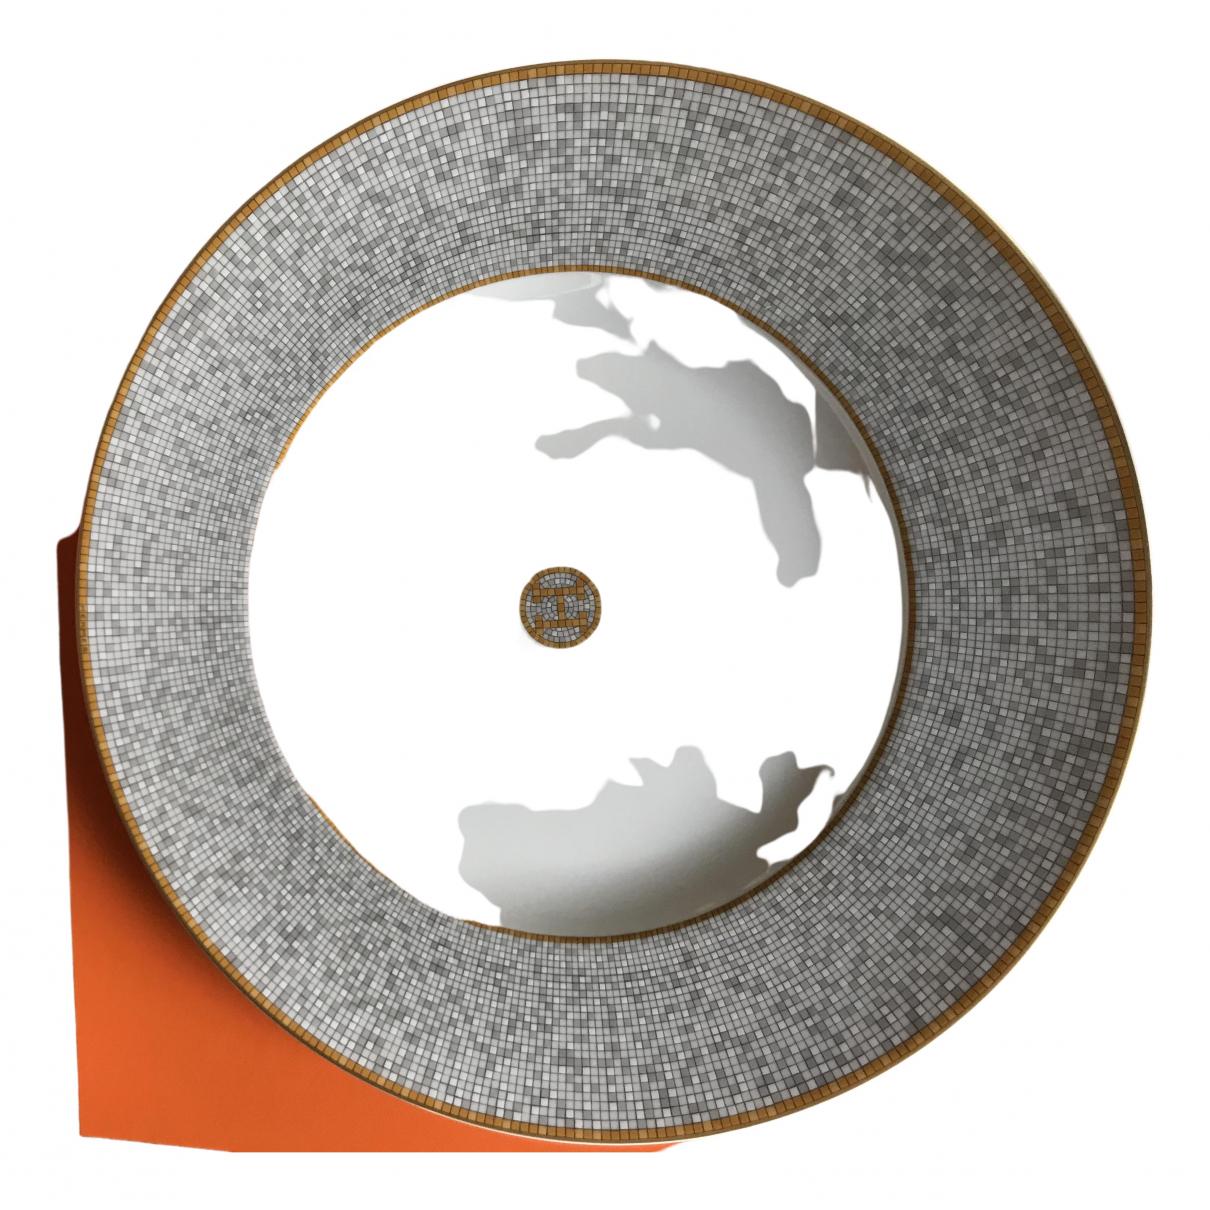 Hermes - Arts de la table Mosaique au 24 pour lifestyle en porcelaine - blanc